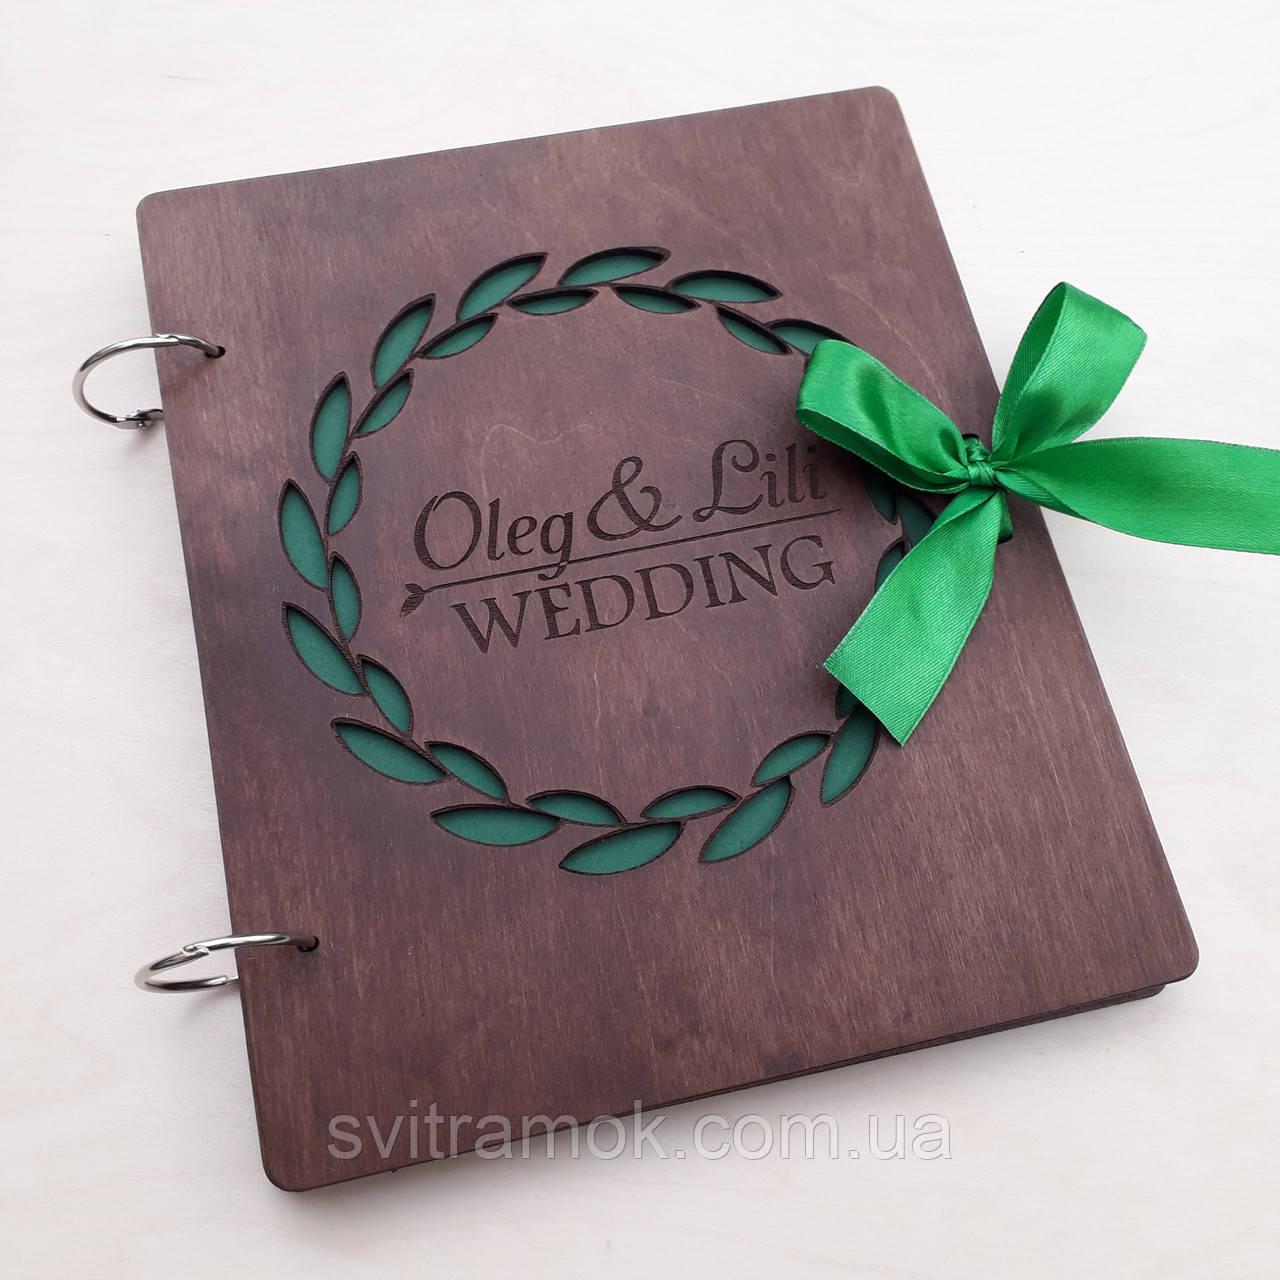 Весільна книга побажань з дерева